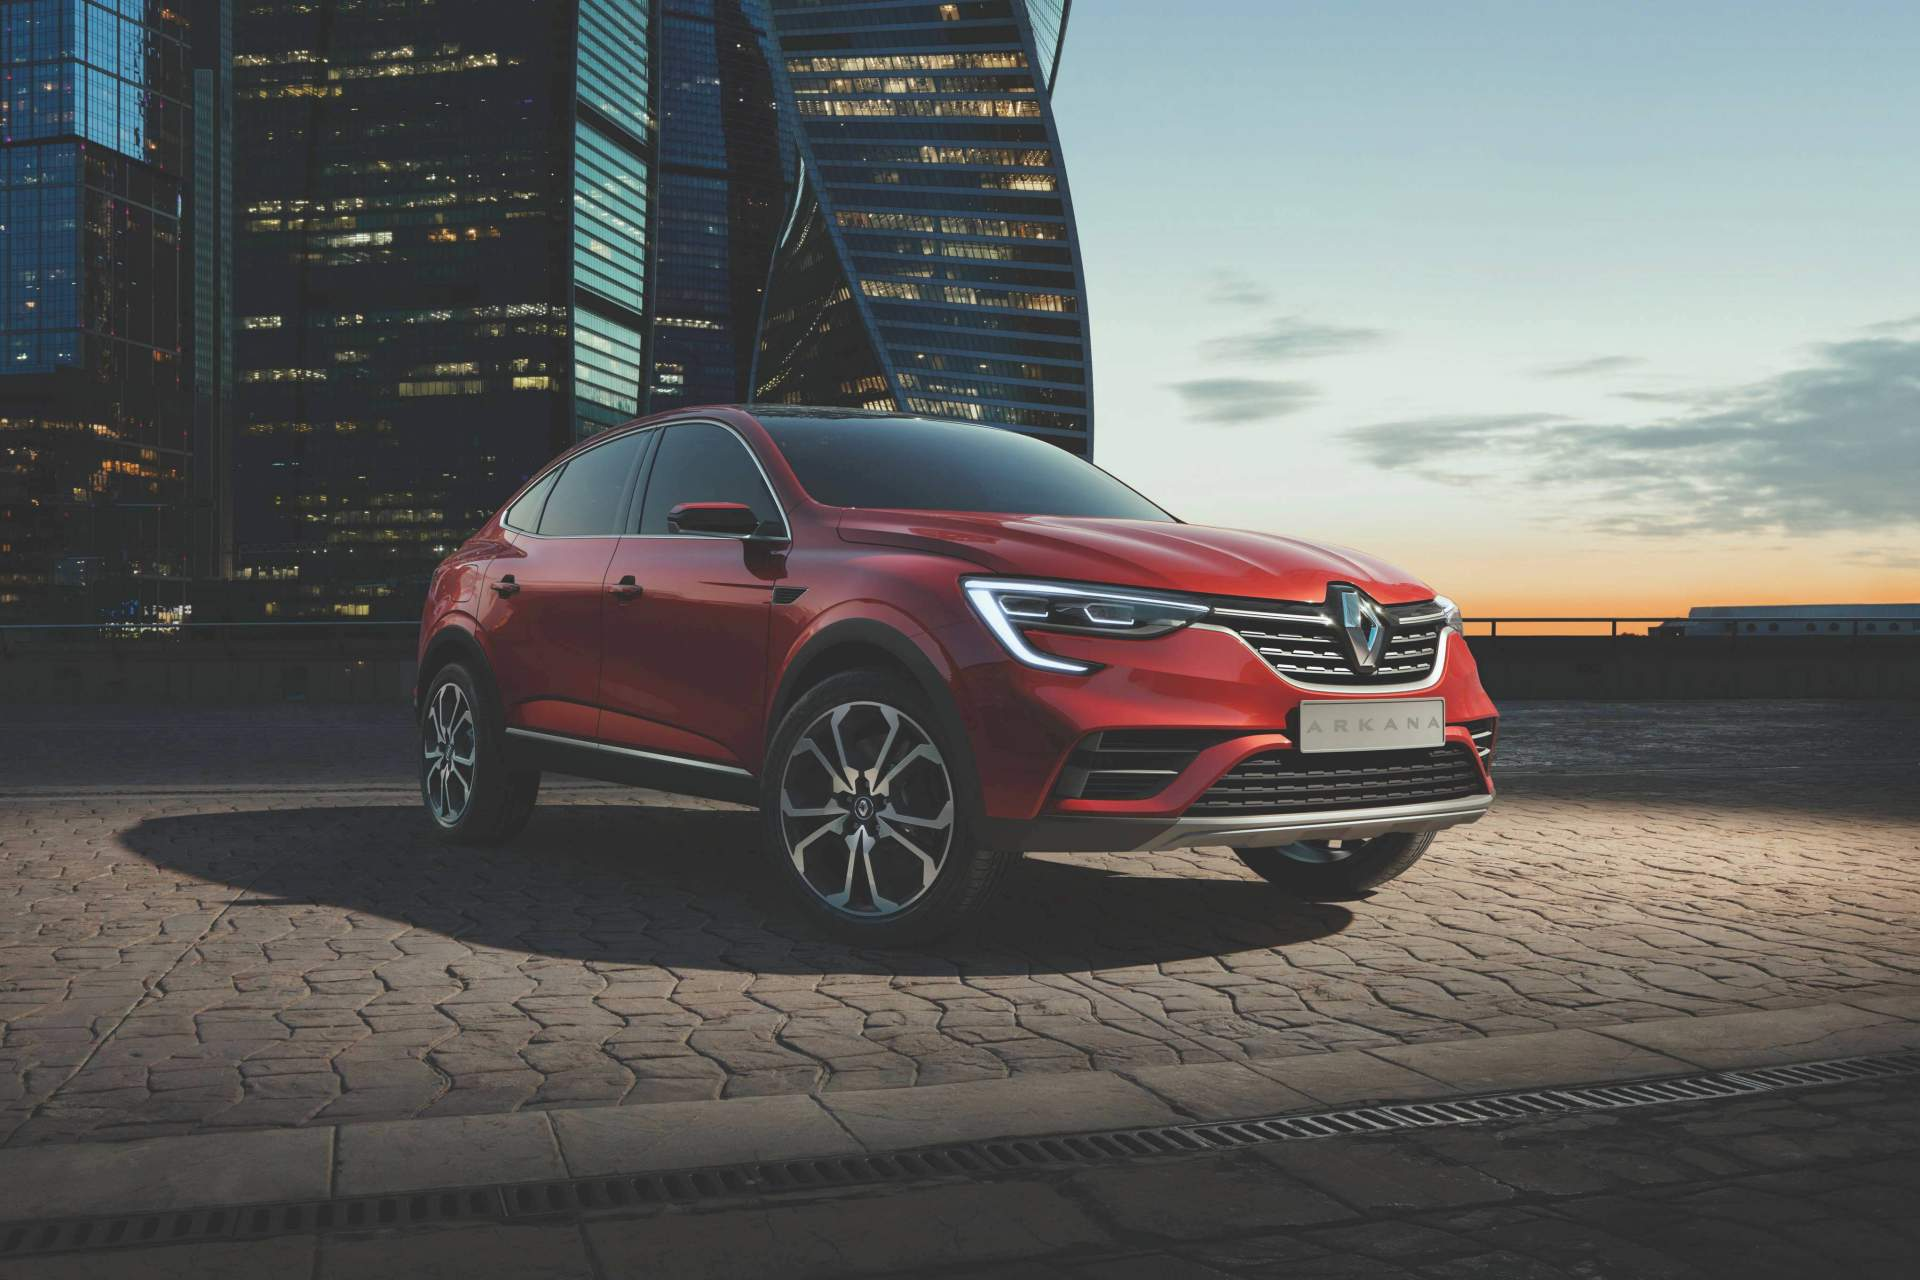 Renault Arkana официјално претставен на Московскиот саем за автомобили / ФОТО+ВИДЕО